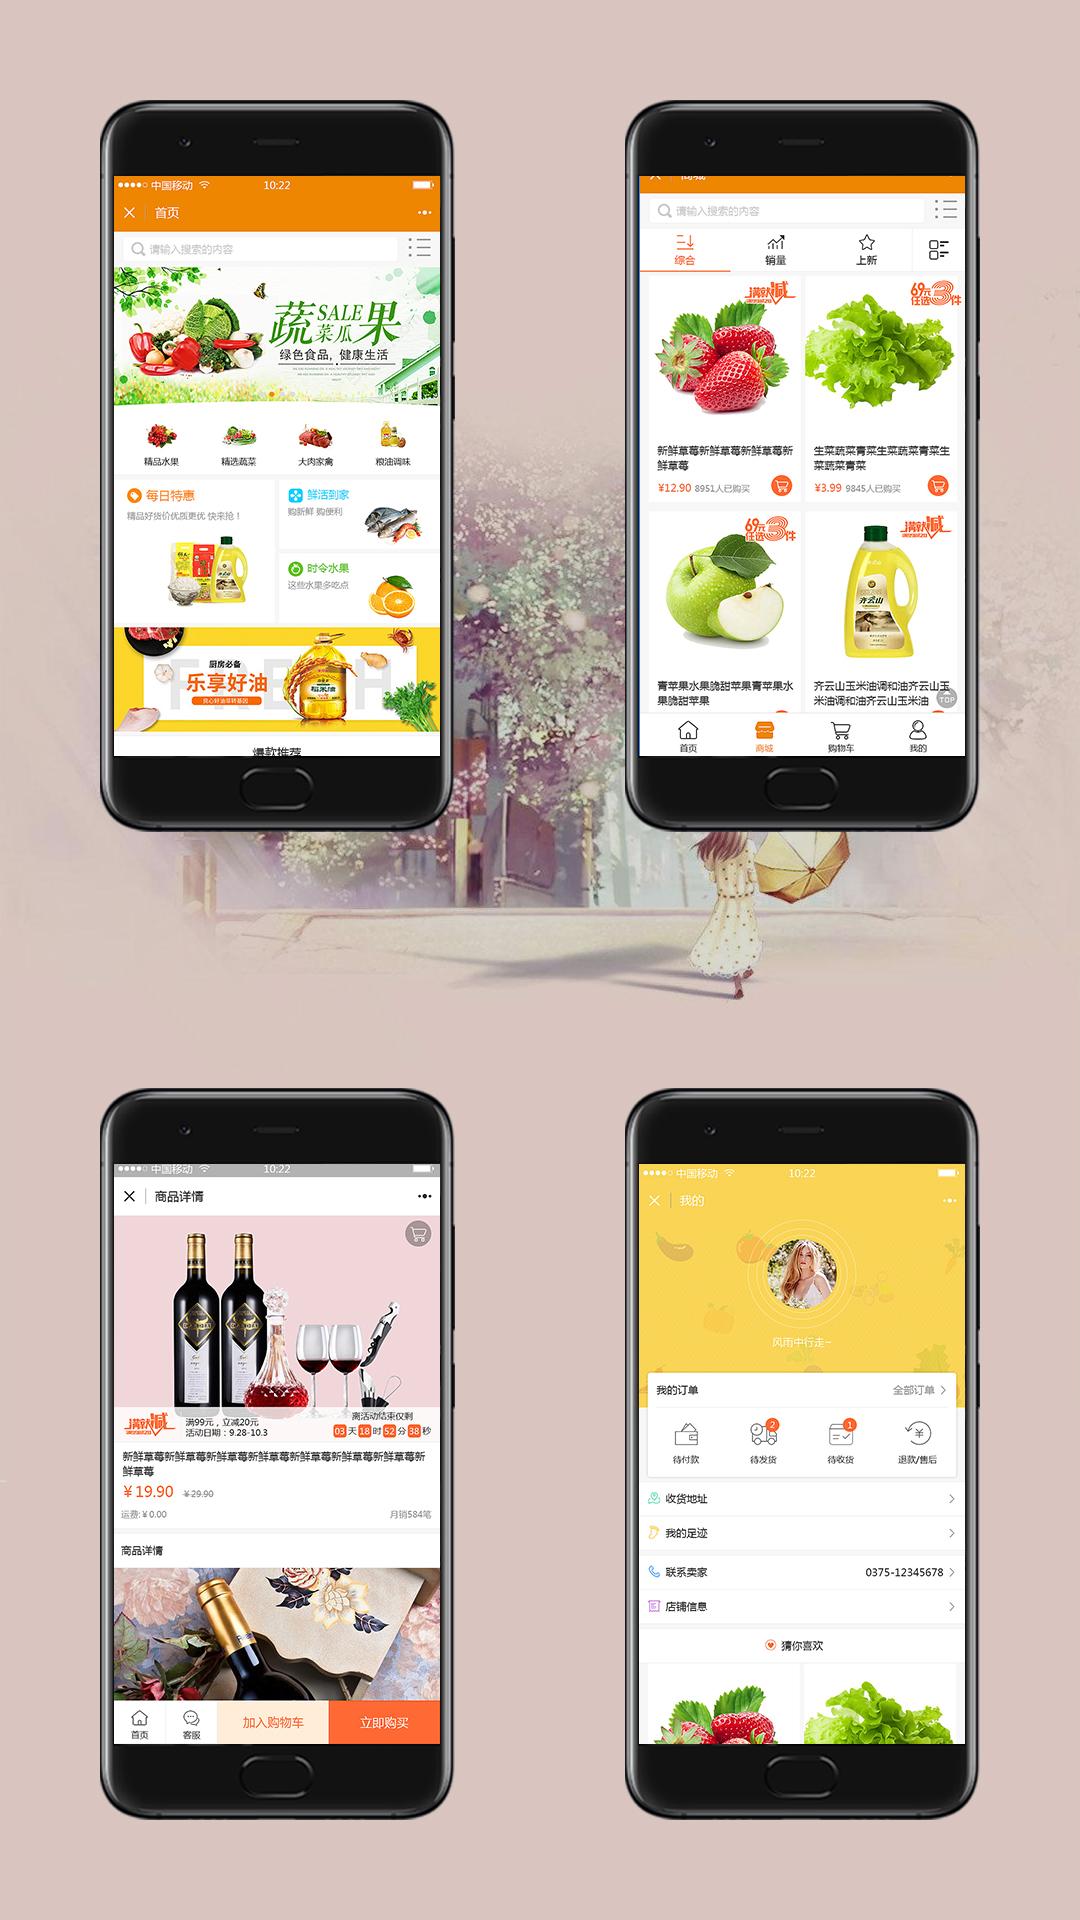 蔬菜商城网站UI界面